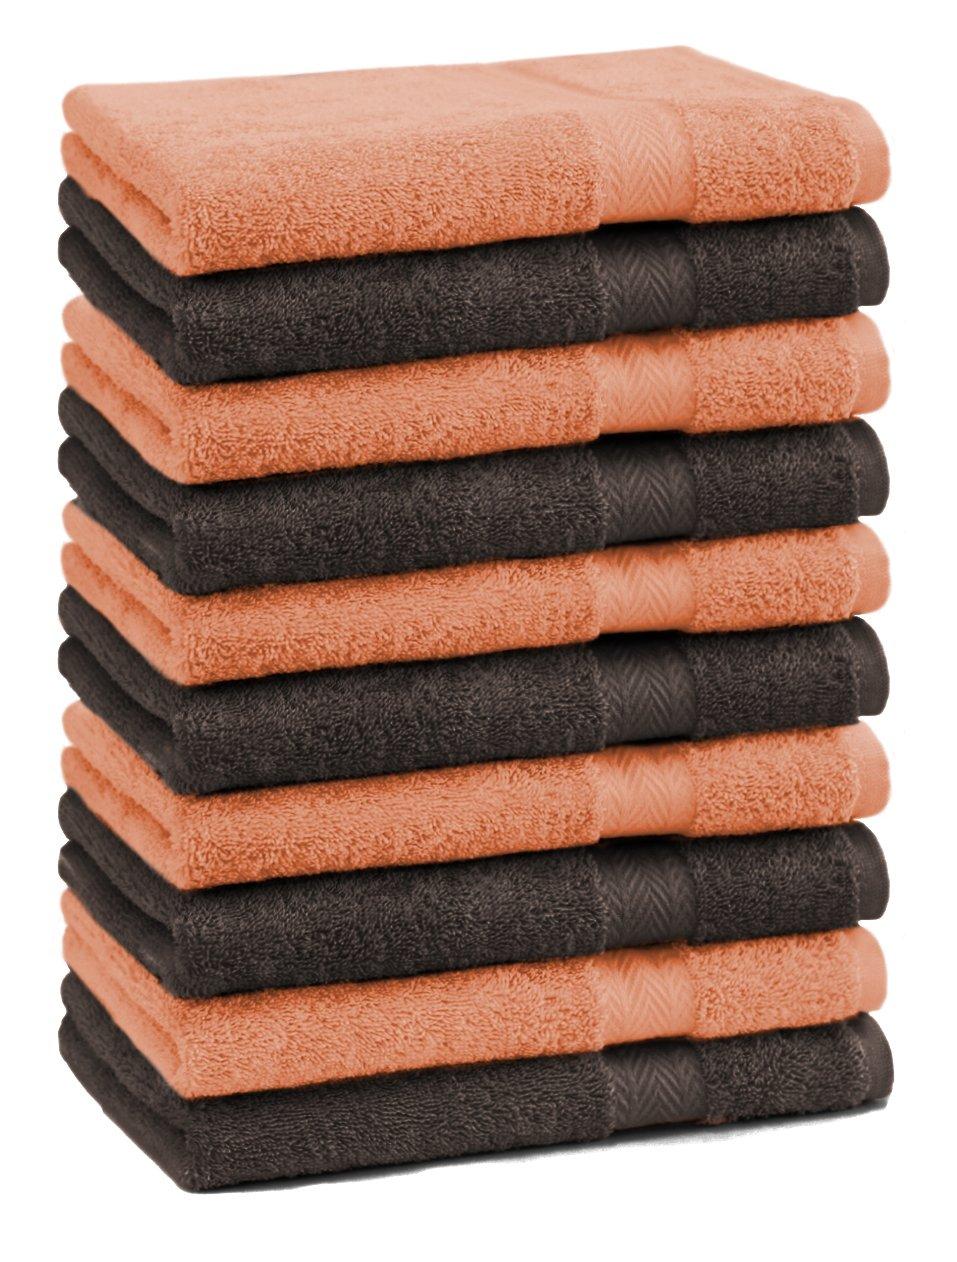 BETZ Set di 10 Lavette Premium Misura 30 x 30 cm 100/% Cotone Colore Arancione e Marrone Scuro